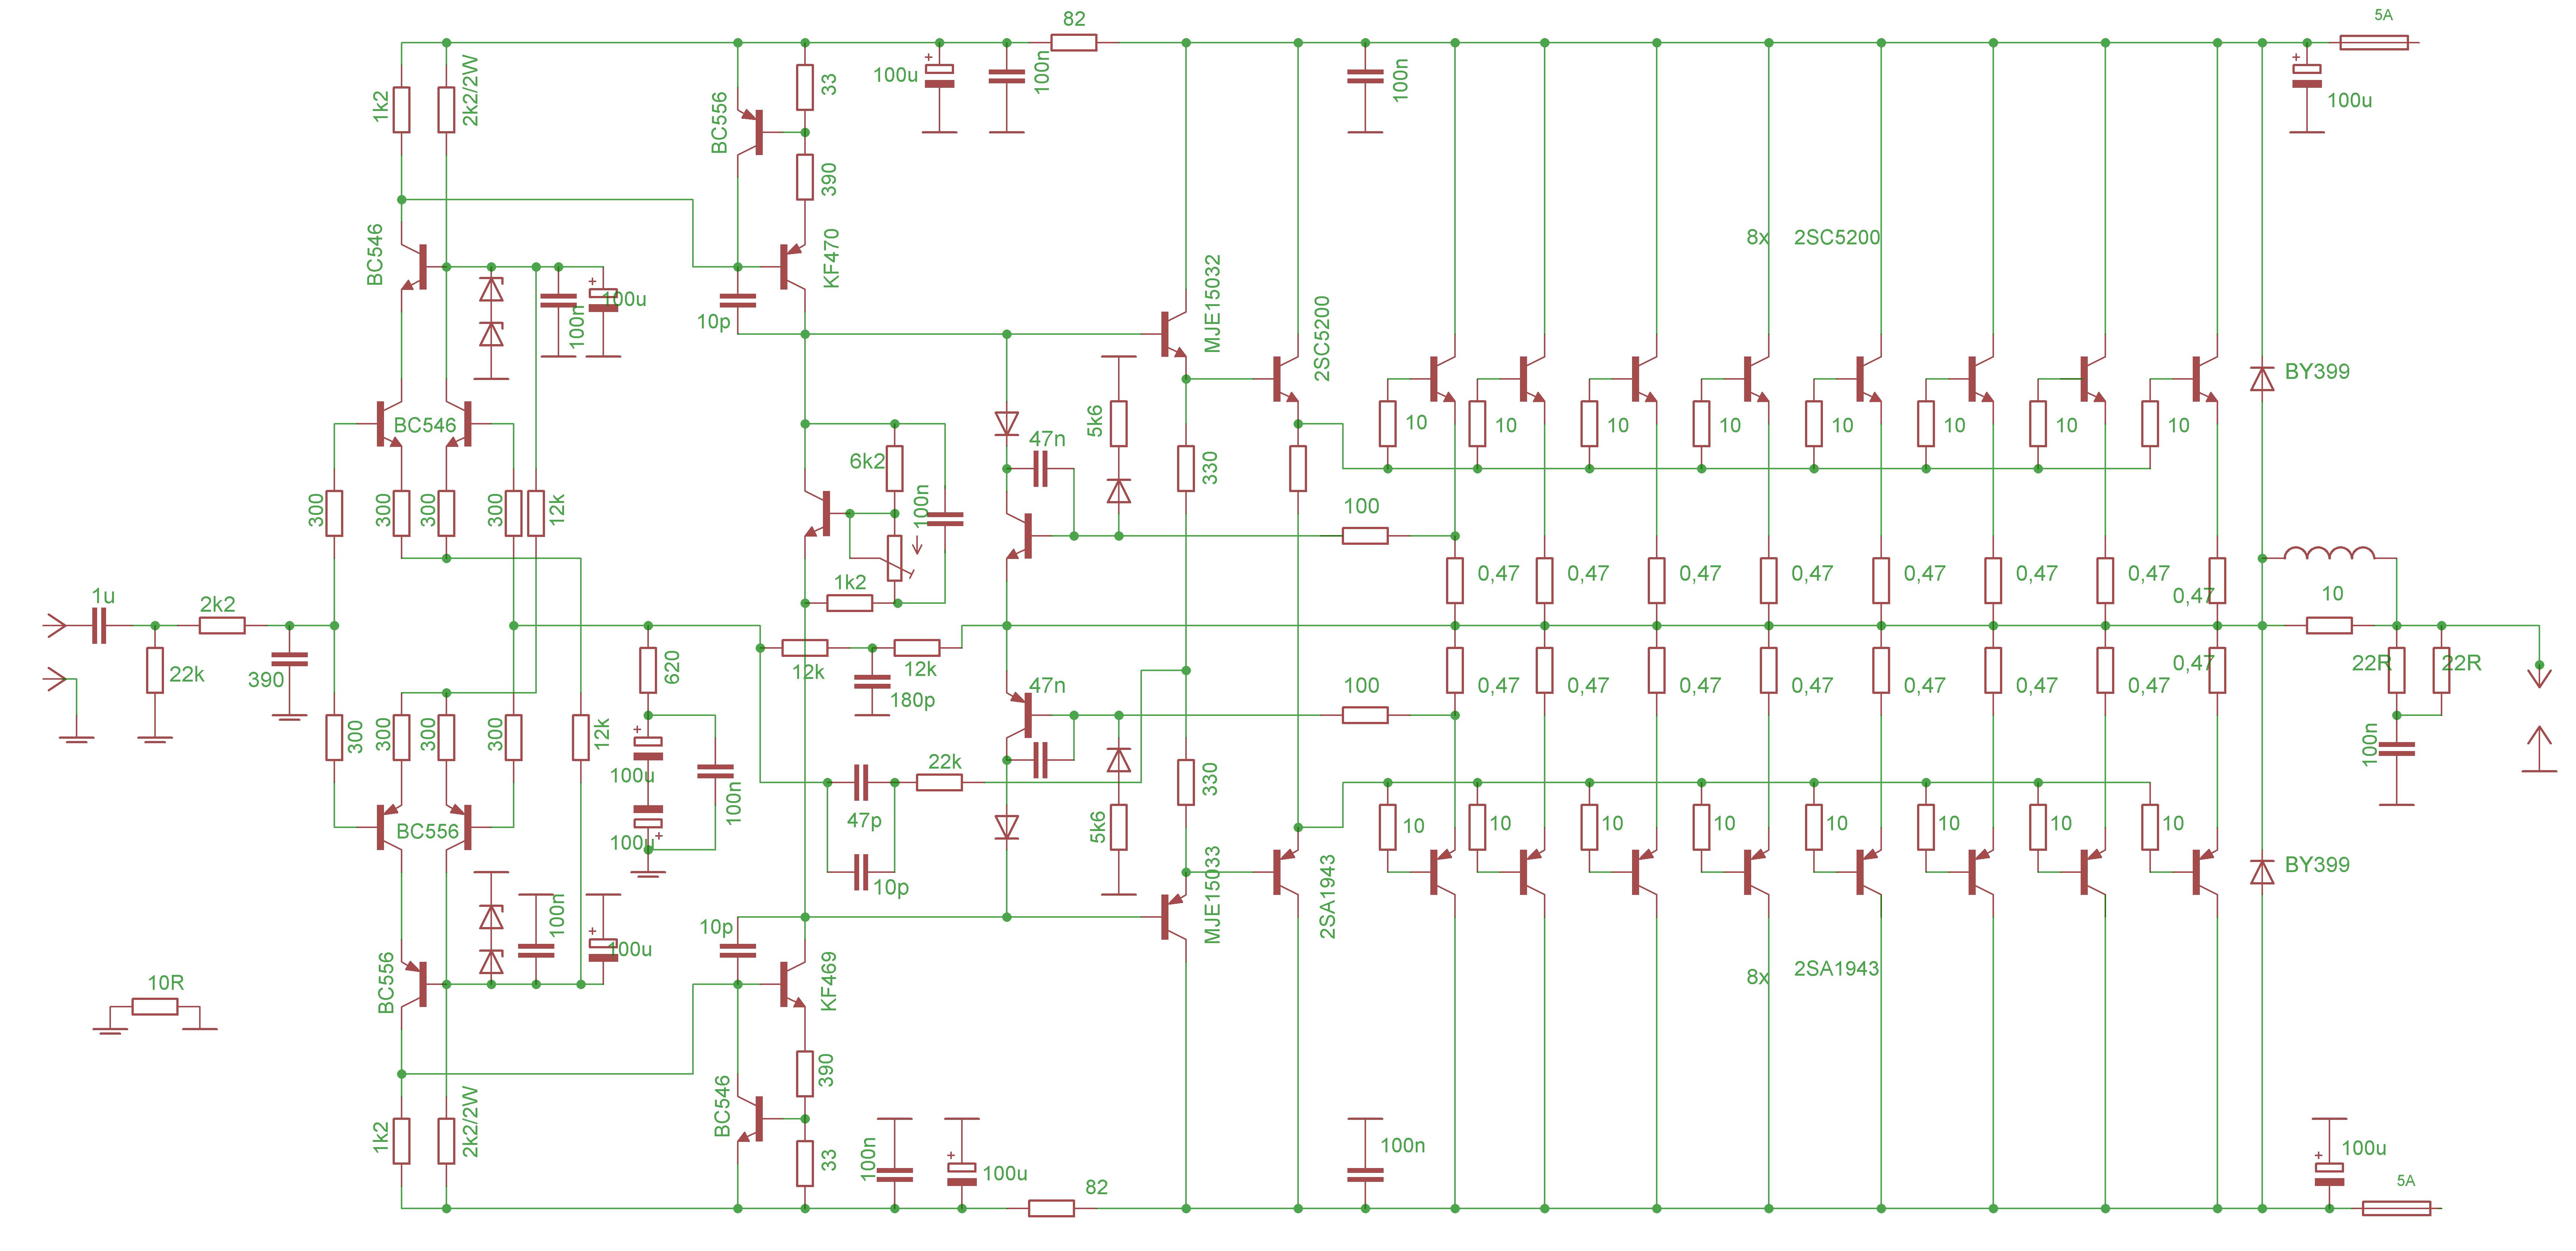 下面的音频功率放大器基于2SC5200和2SA1943输出功率晶体管,可以提供高达700W输出功率。机械设计是比较简单的,晶体管被放置在两个冷却型材上,高度66毫米,宽度44毫米,整体长260mm。晶体管从印刷电路板的底部焊接。  技术参数: